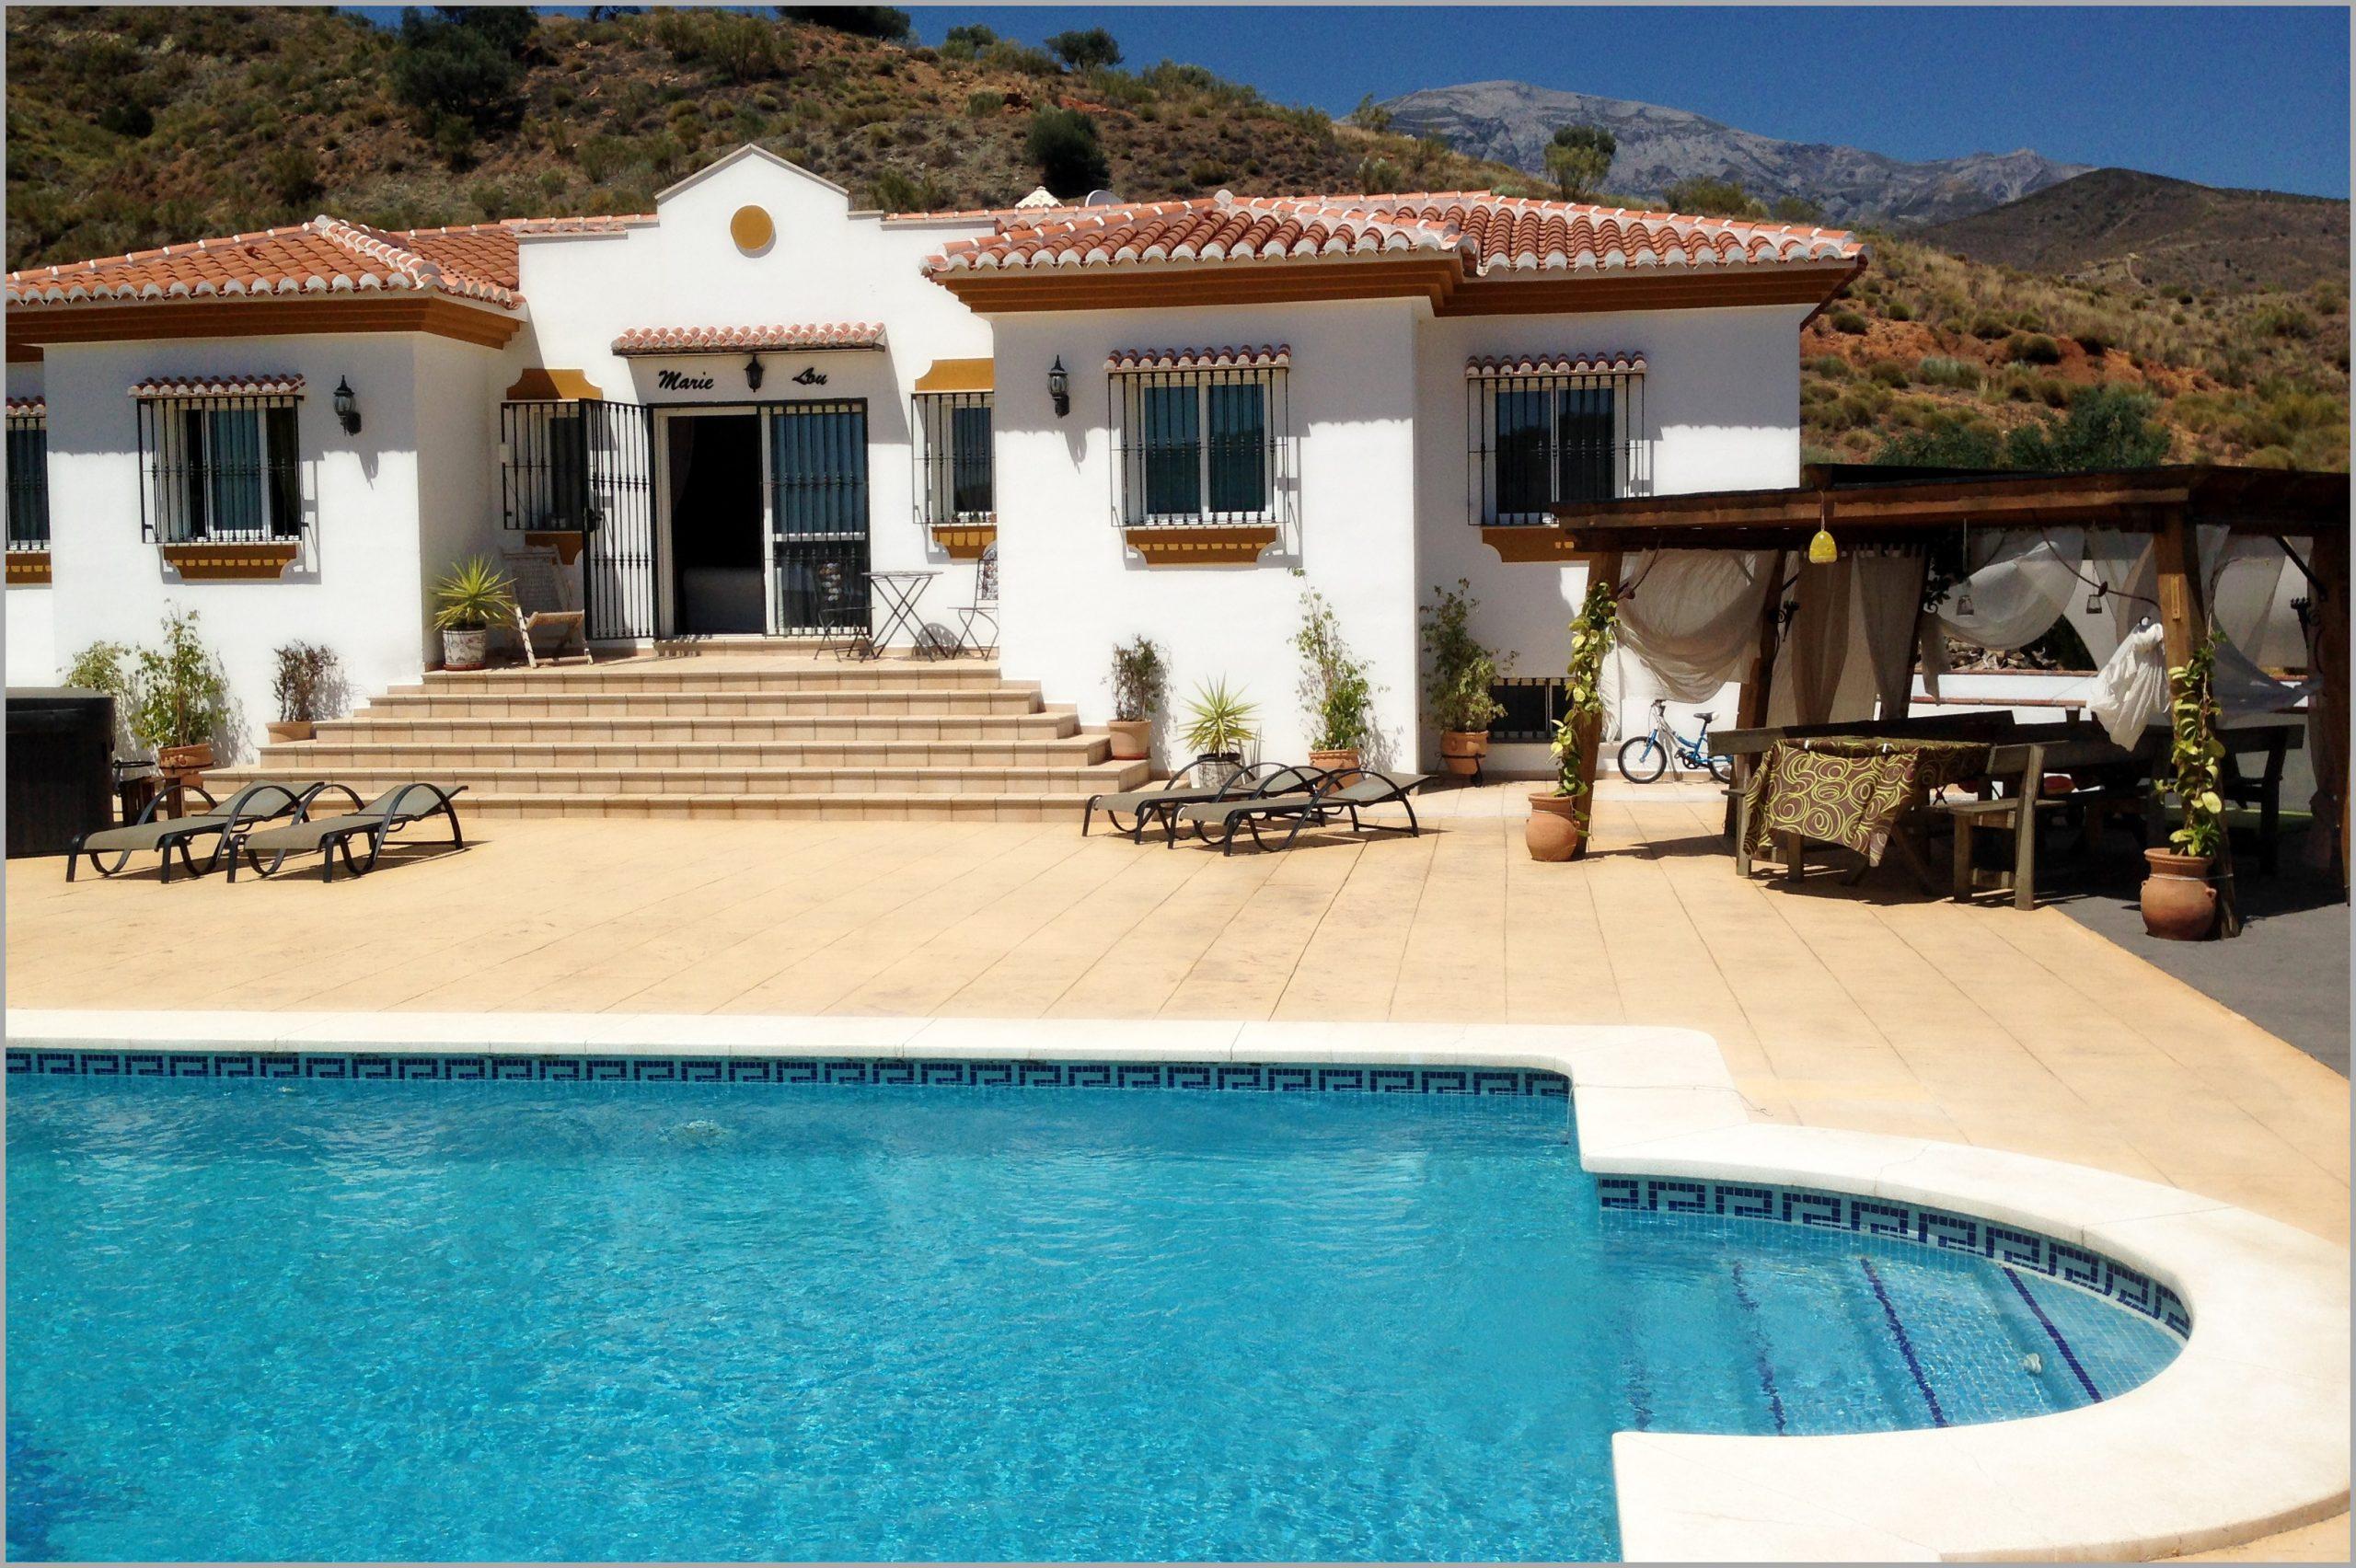 Location Maison Avec Piscine Sans Vis A Vis Espagne ... encequiconcerne Location Villa Portugal Avec Piscine Pas Cher